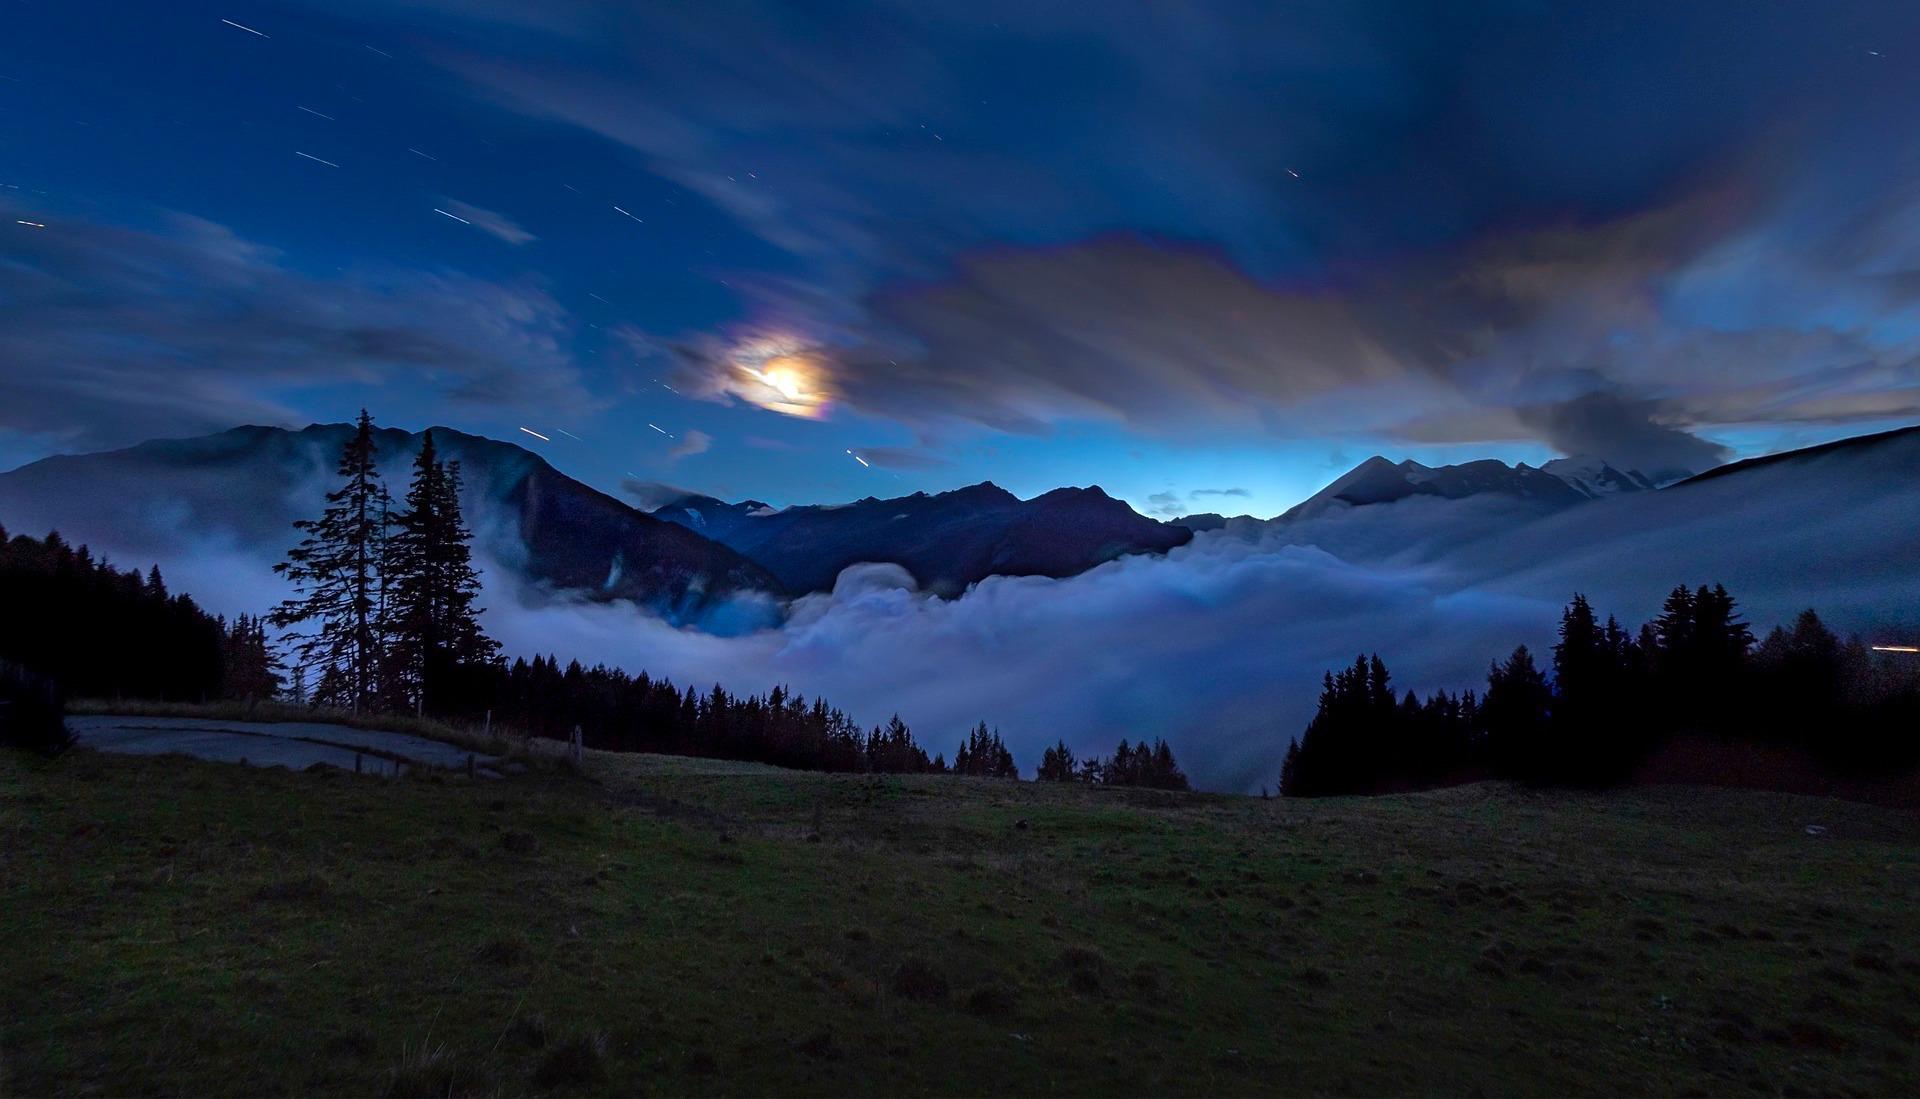 banner-books-fog-3813943_1920-enh-shorter-bluer.jpeg